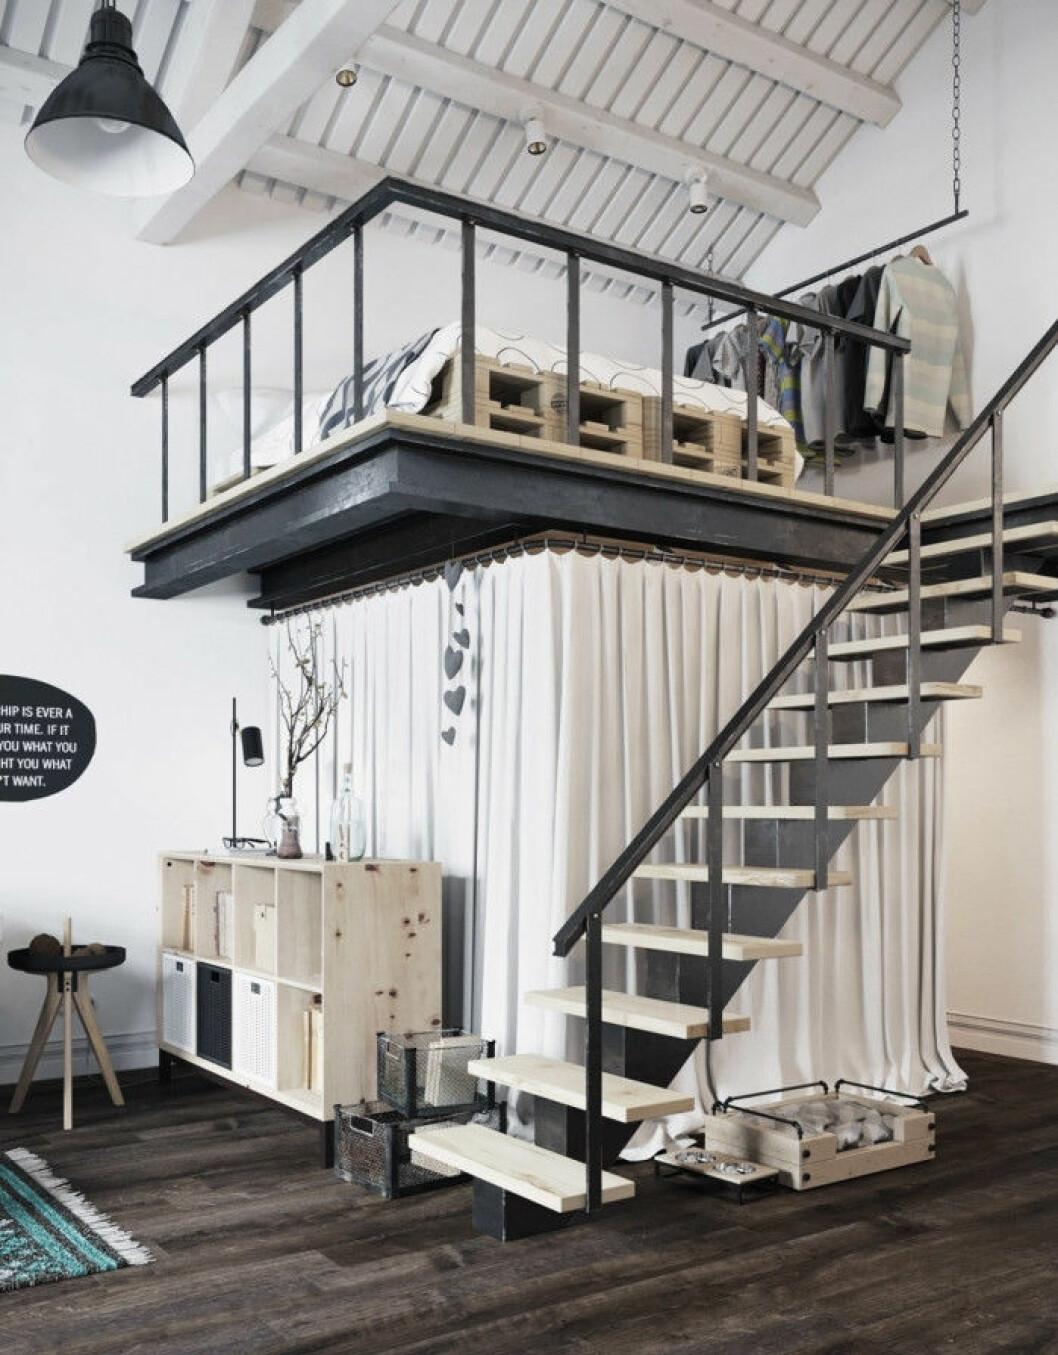 Loftsäng i industriell stil med tillhörande trappa